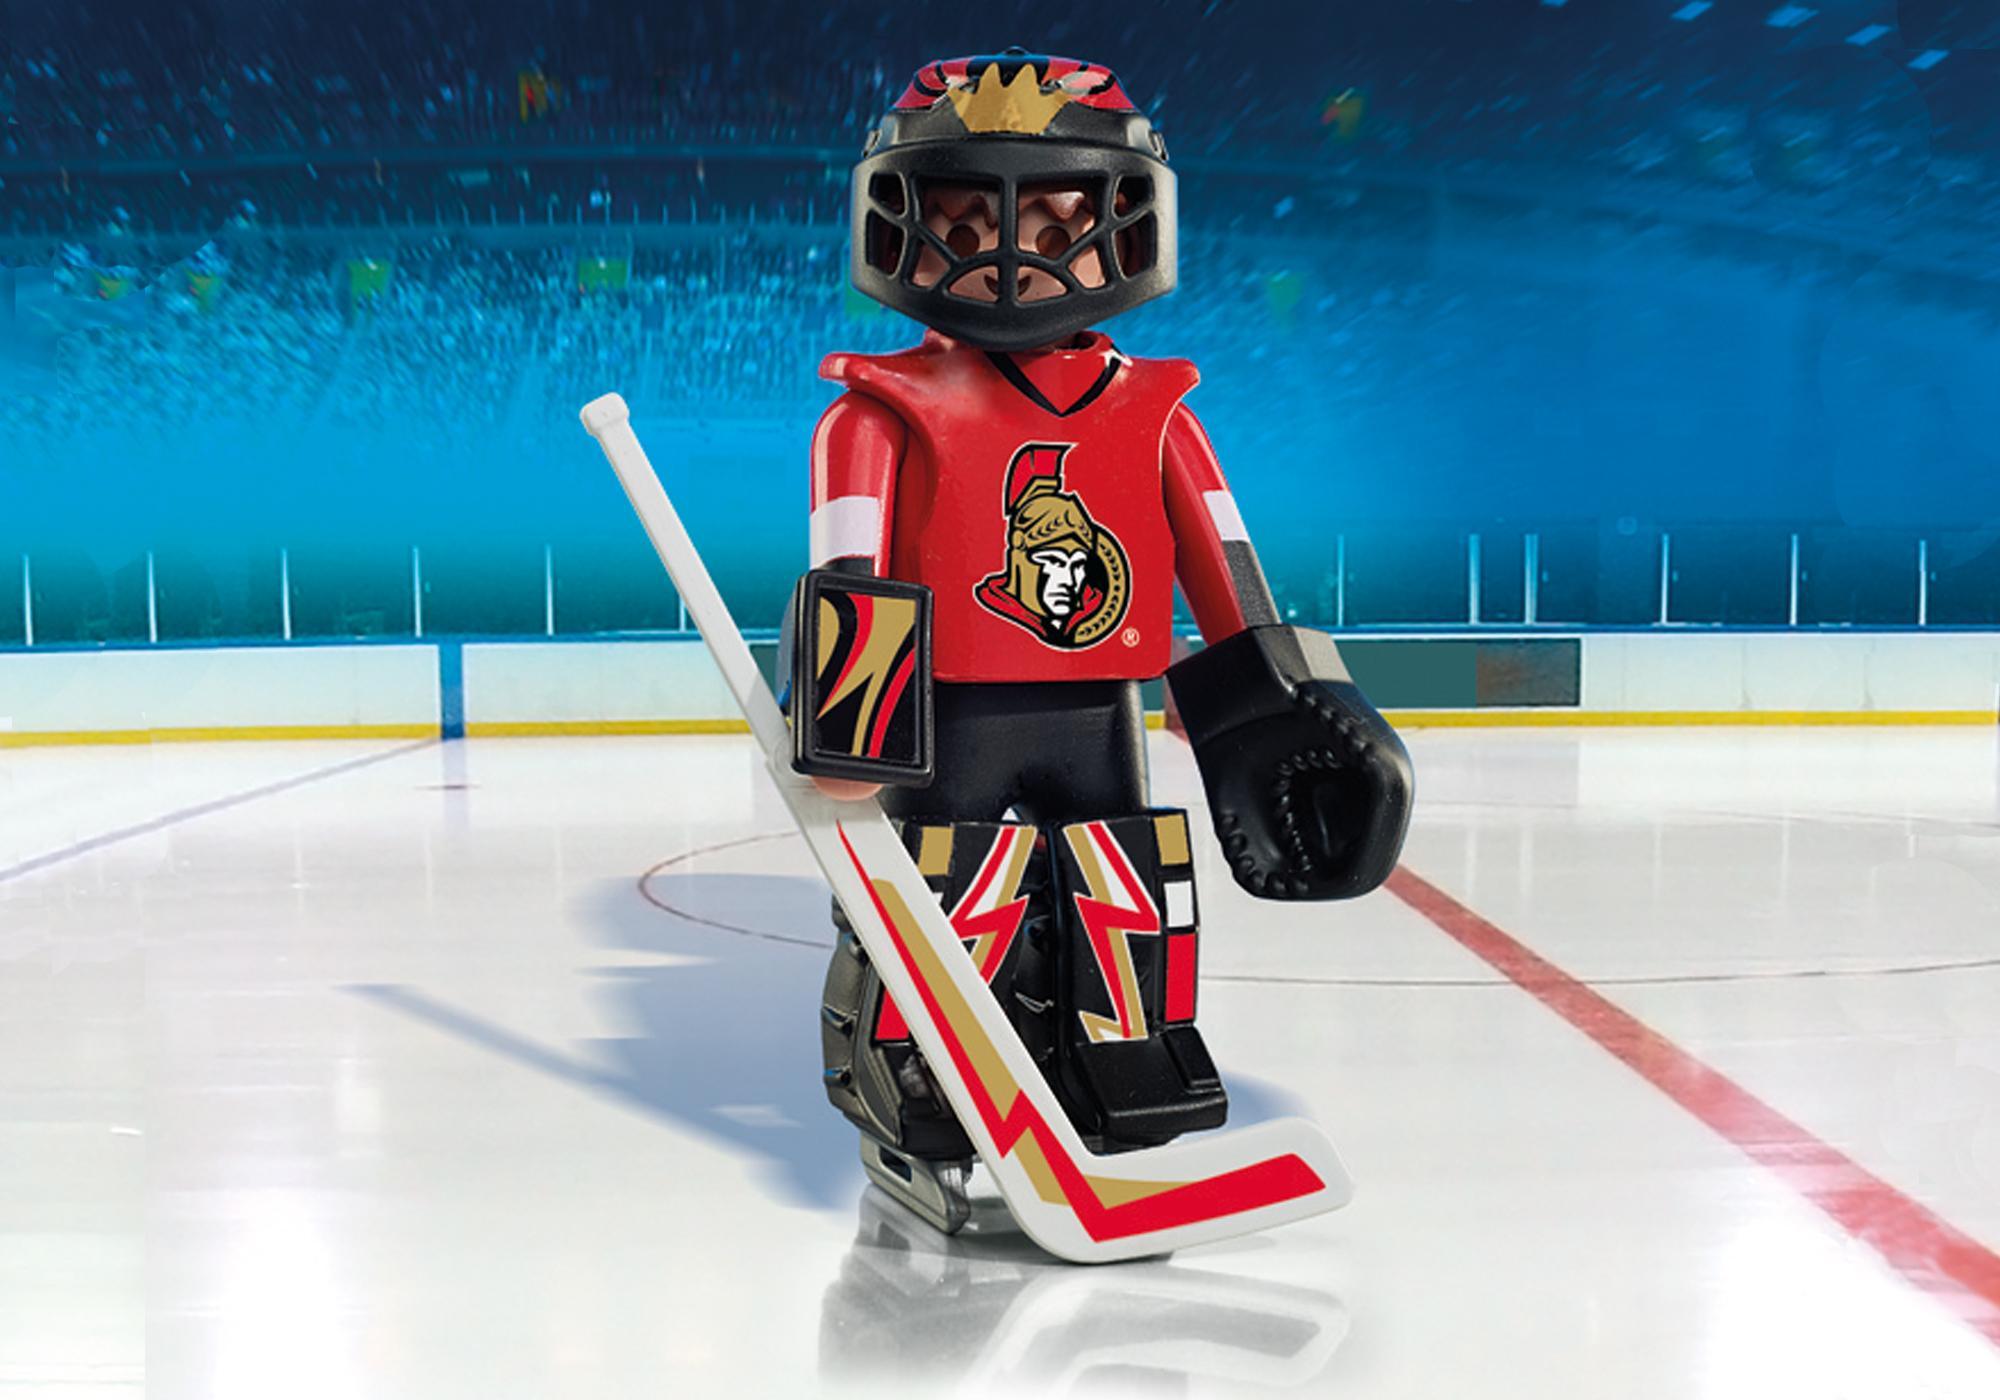 http://media.playmobil.com/i/playmobil/9018_product_detail/NHL™ Ottawa Senators™ Goalie